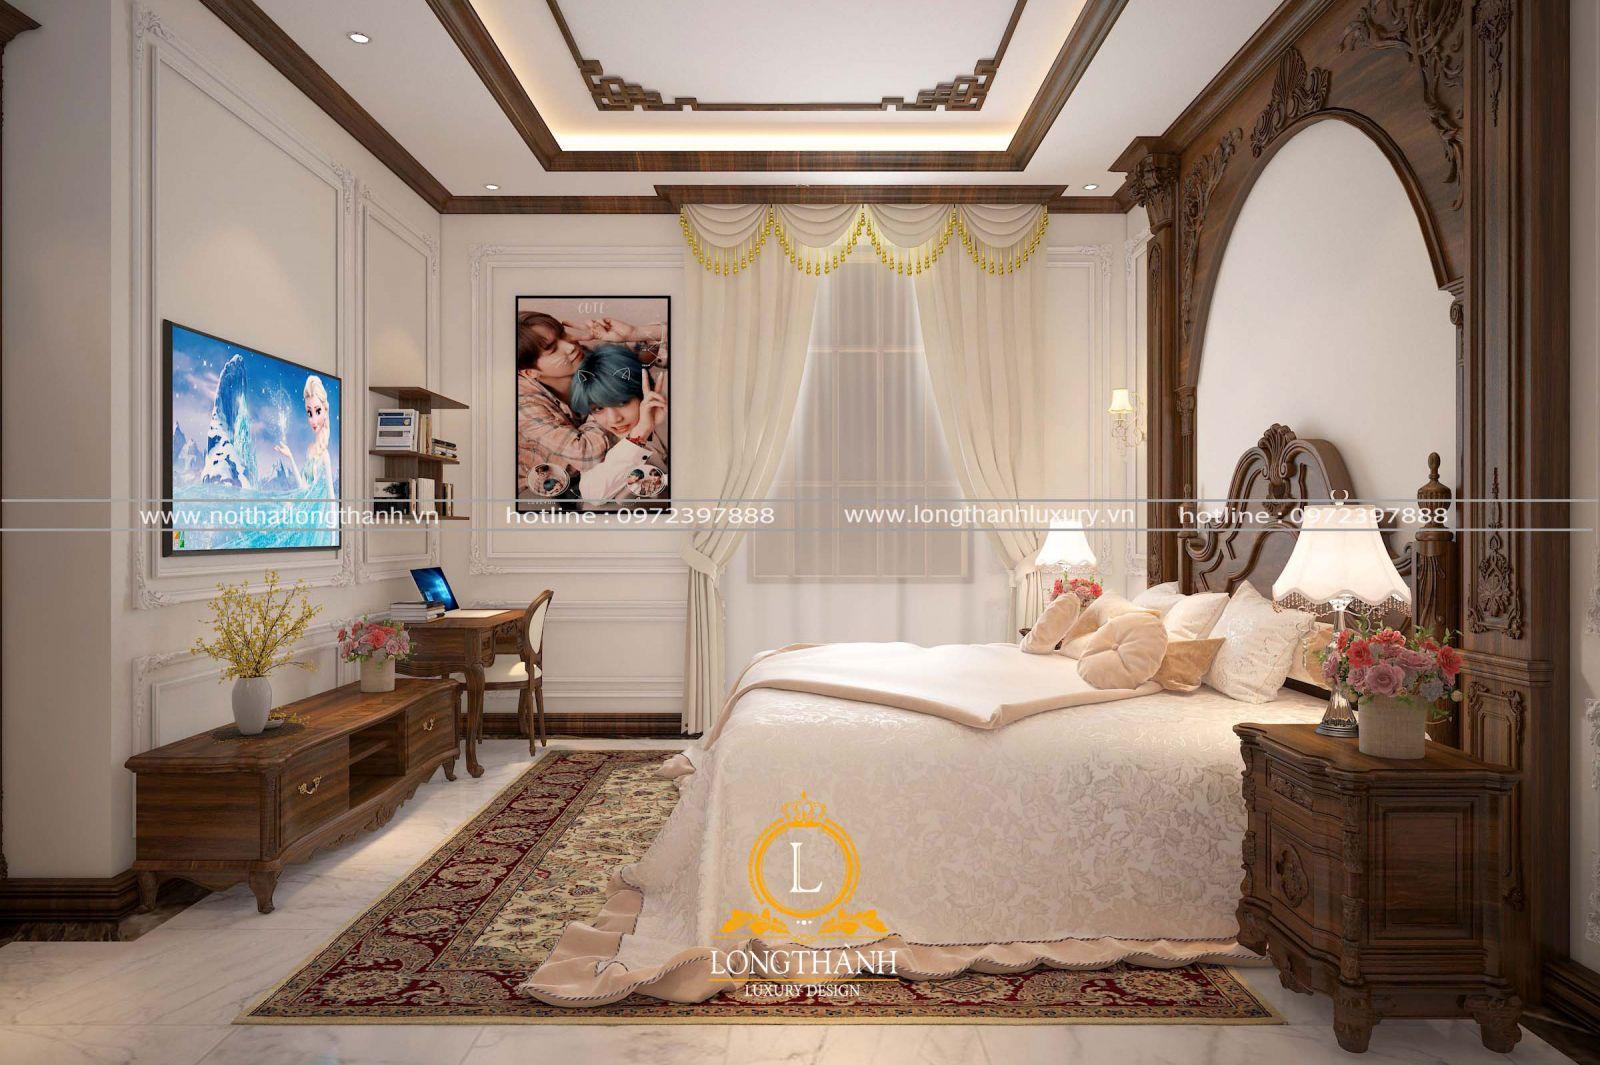 Thiết kế kệ tivi đơn giản cho phòng ngủ nhà phố hẹp